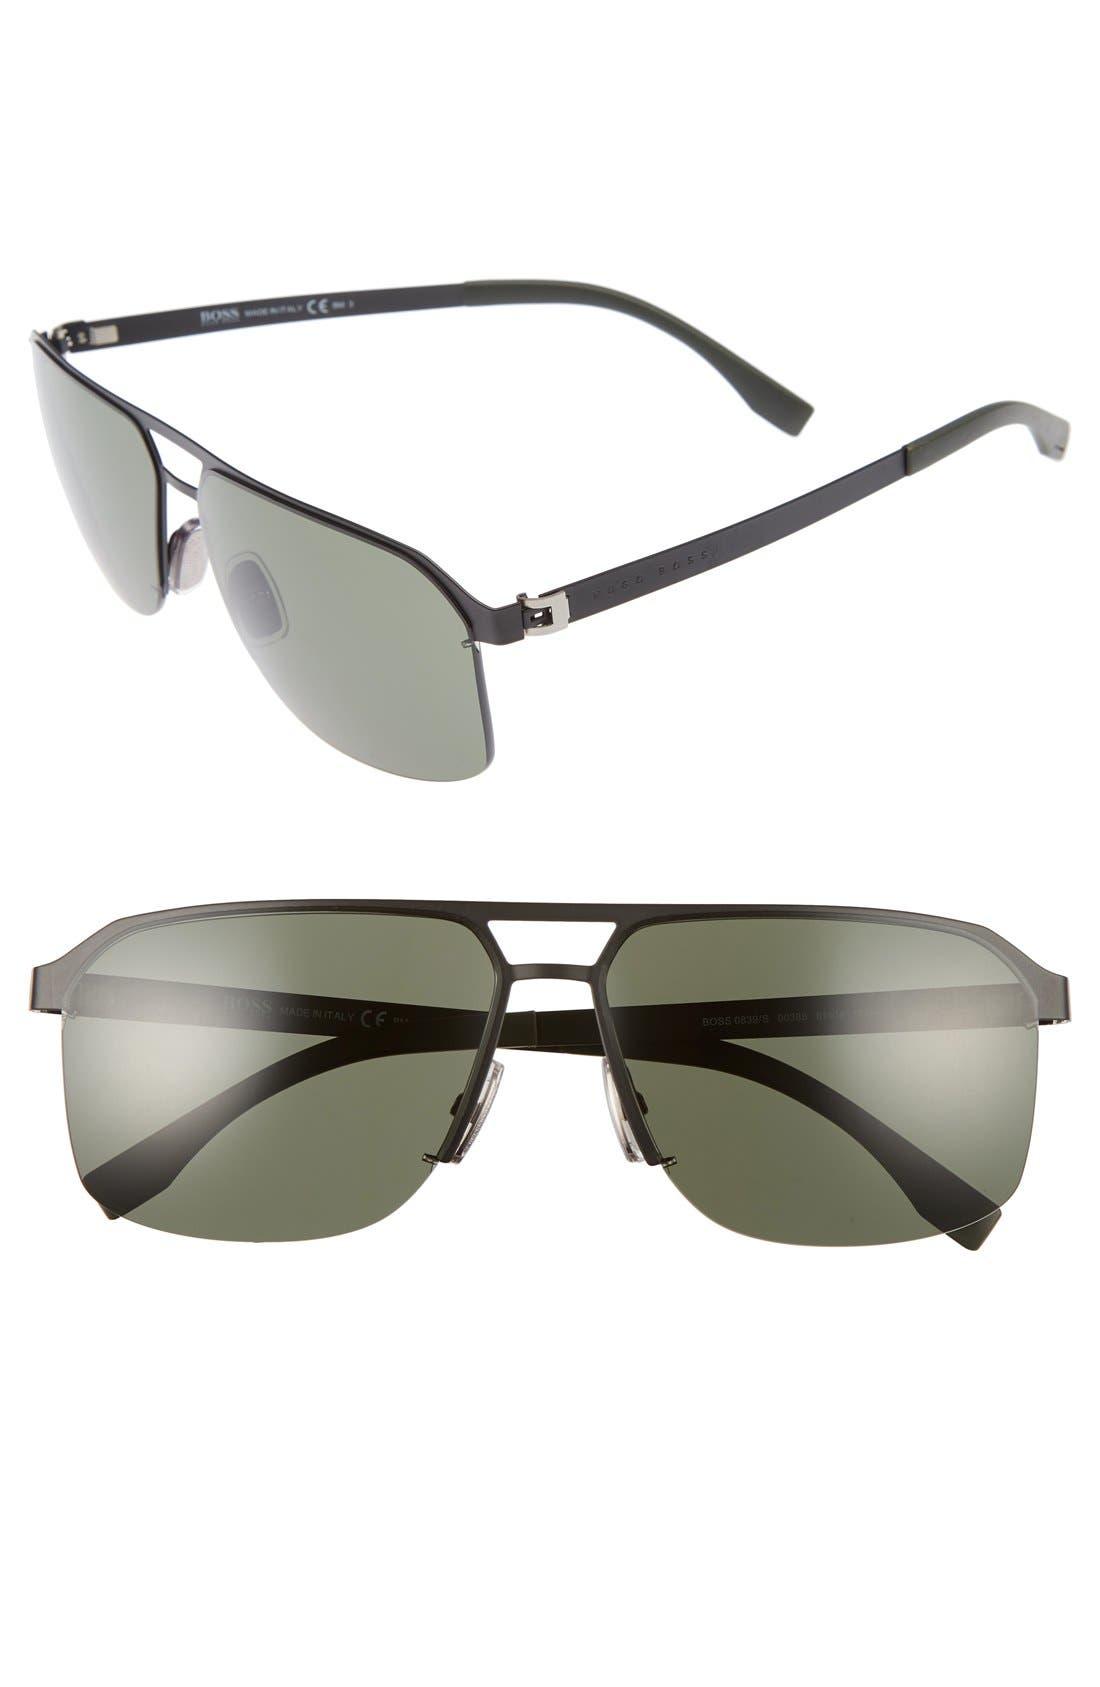 839/S 61mm Sunglasses,                         Main,                         color, Matte Black